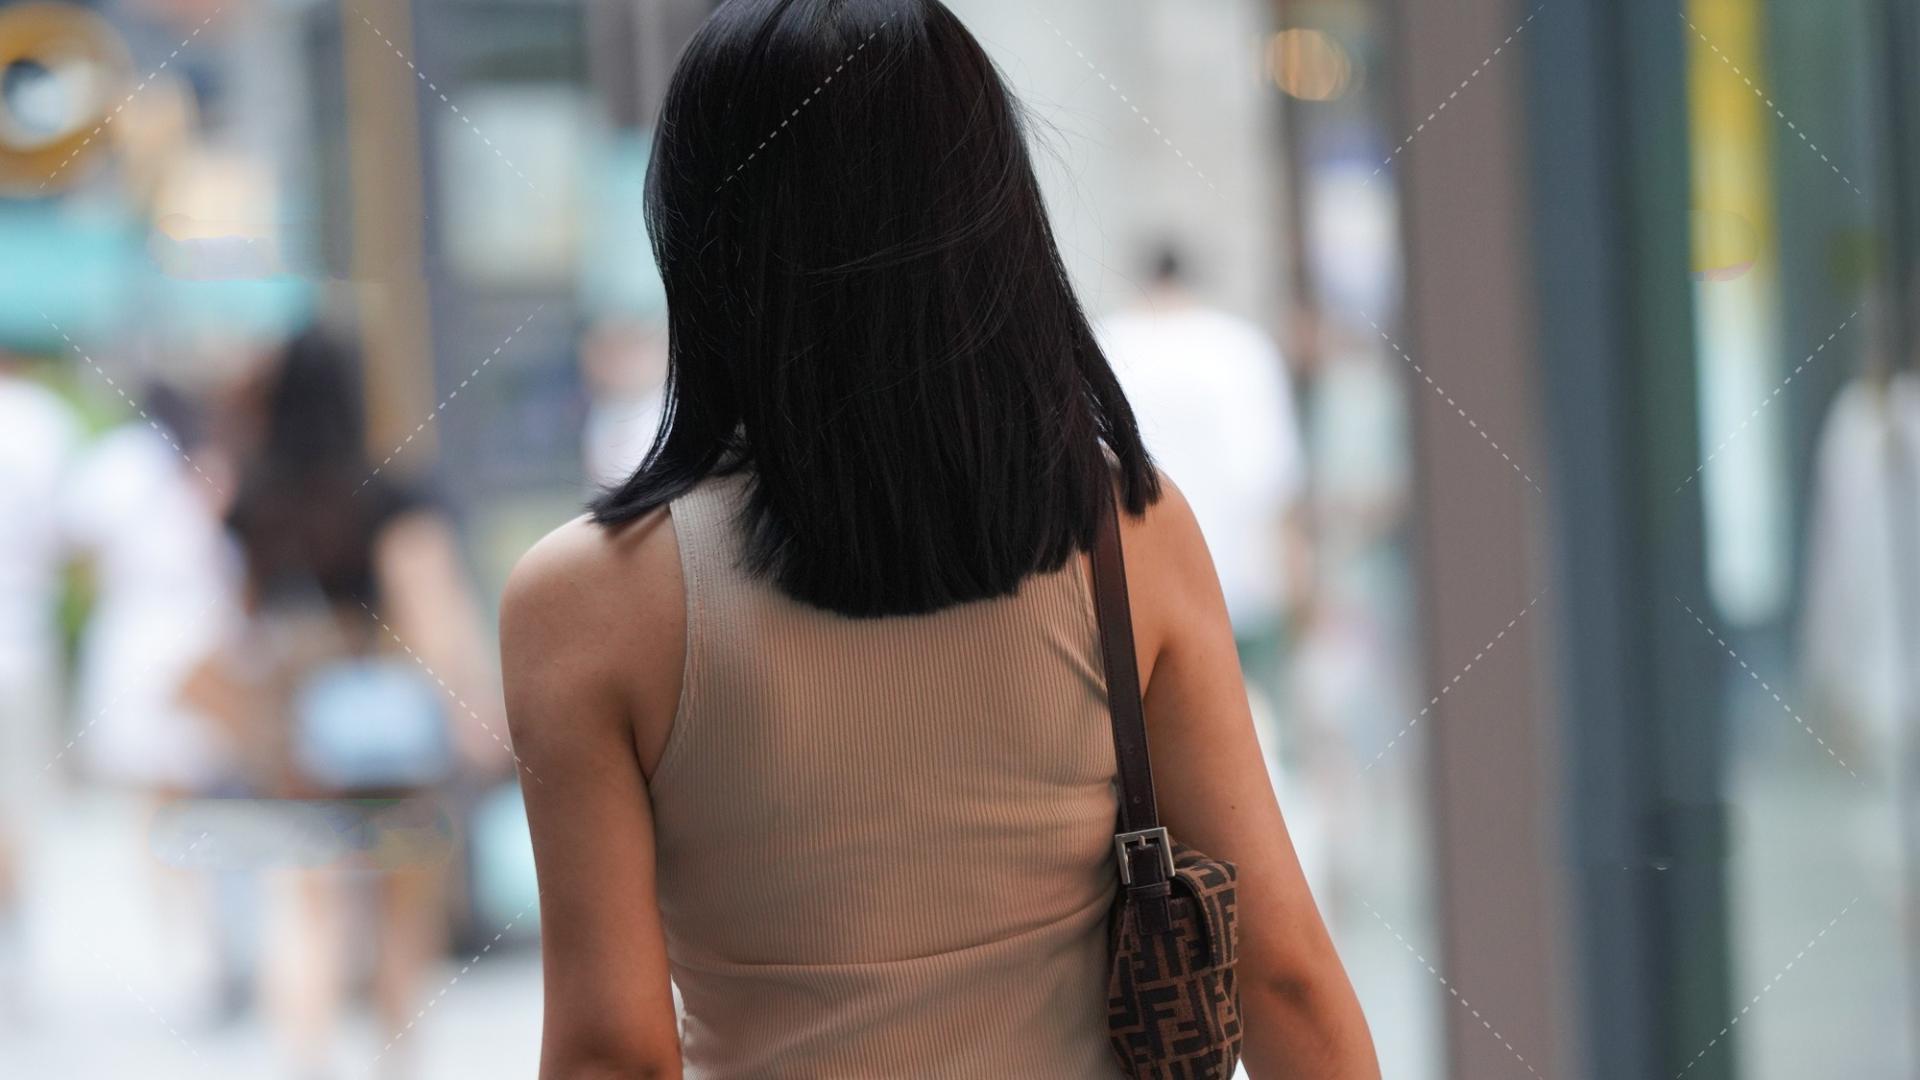 背心长款连衣裙,得体大方,显时尚气质